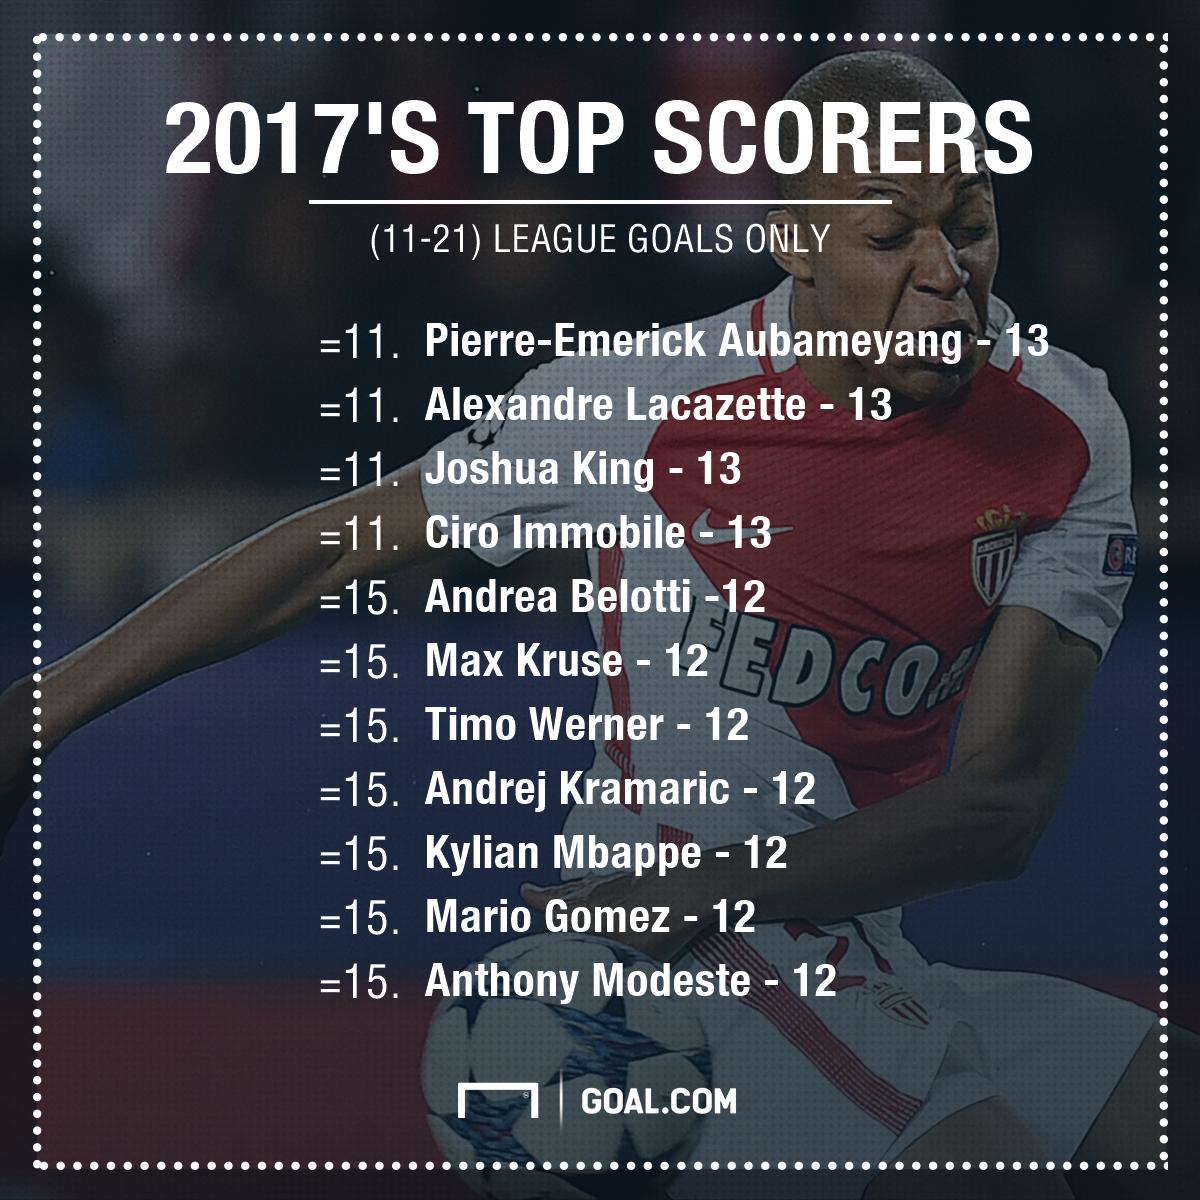 Top scorers of 2017